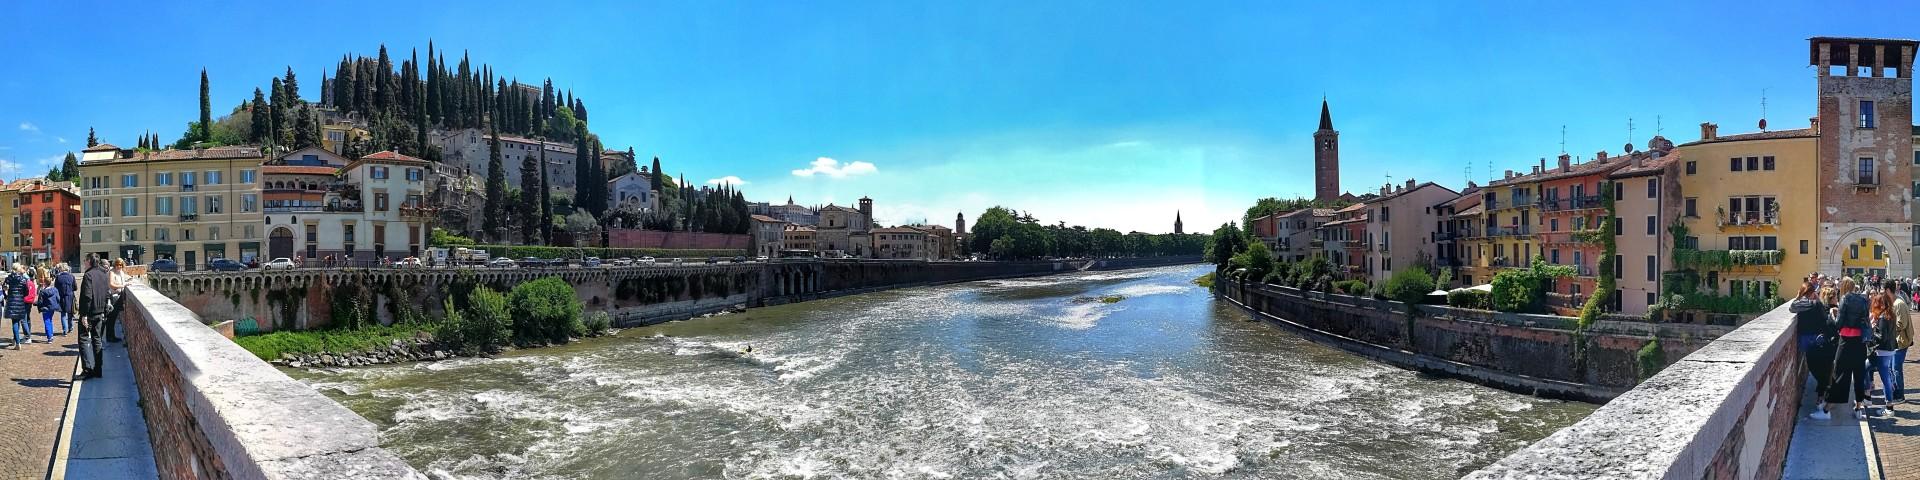 Verona - výhled z mostu Ponte Pietra